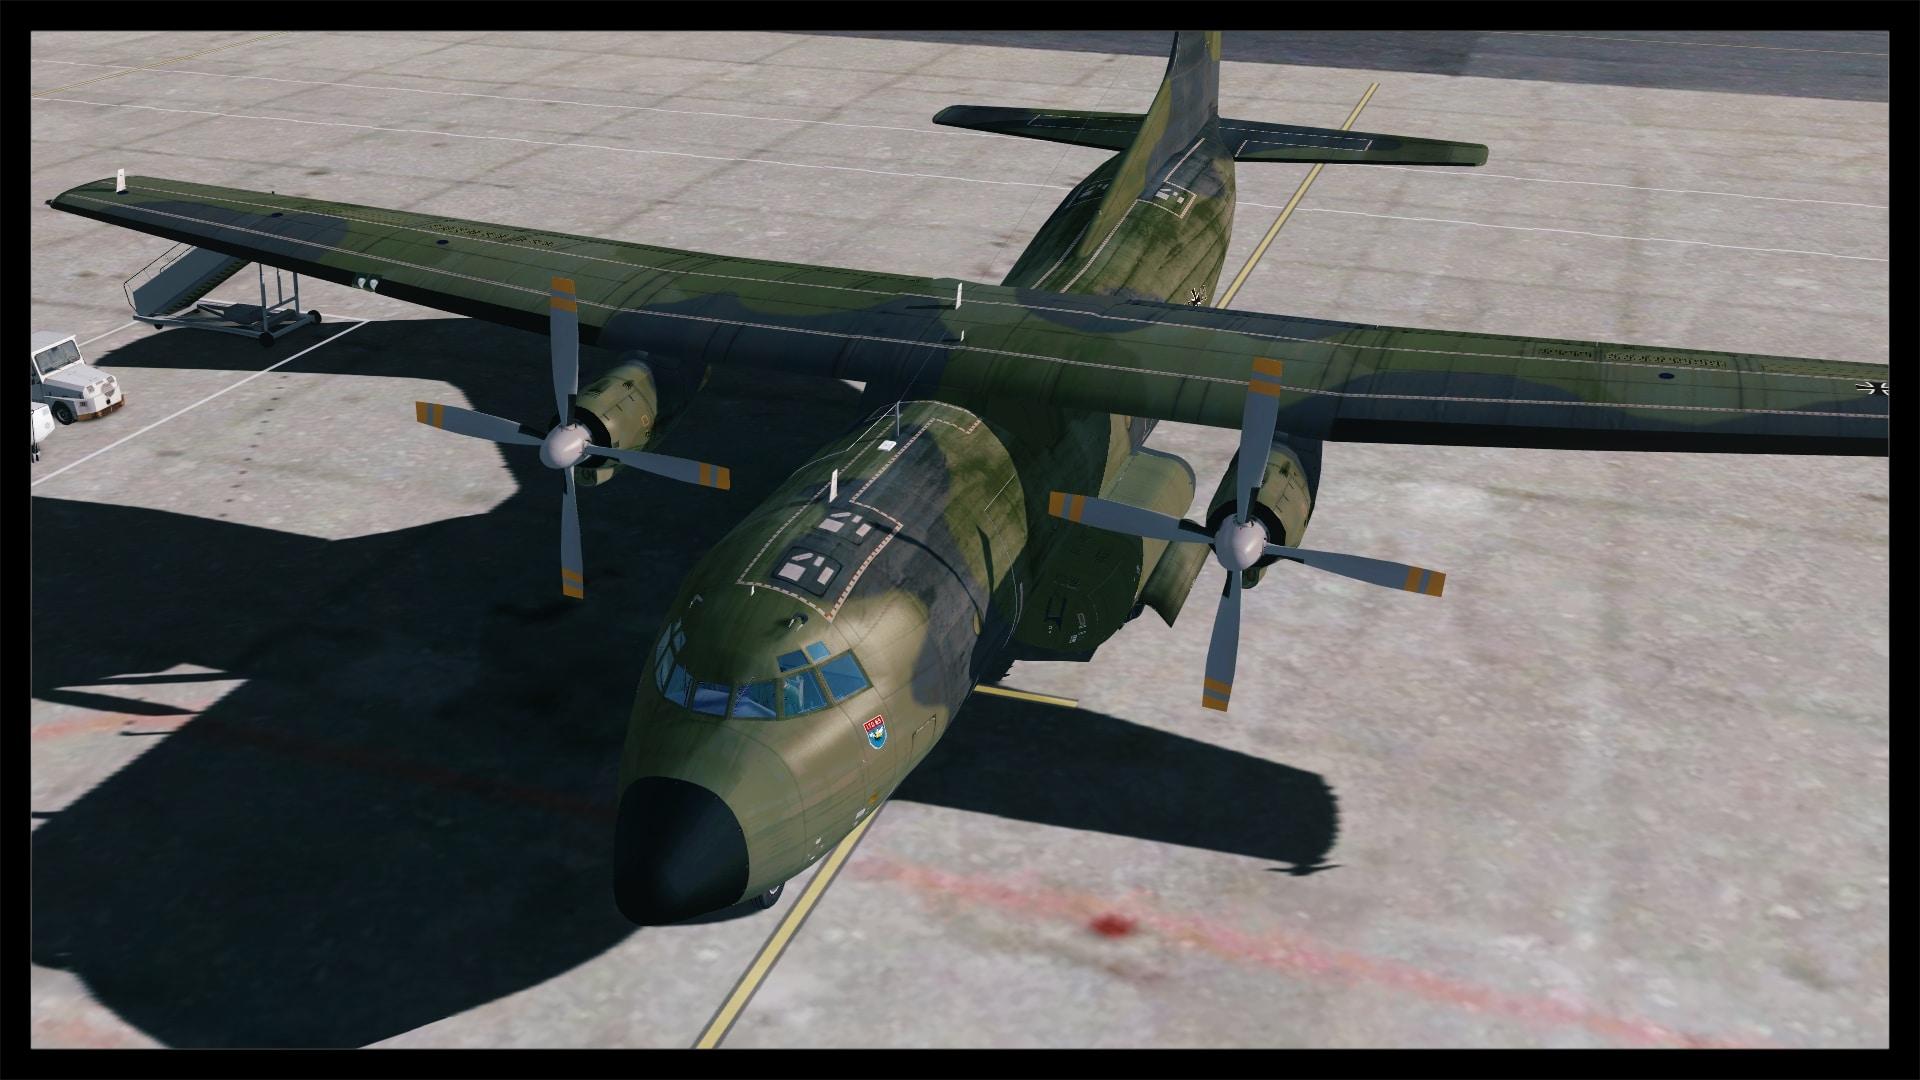 [FSX] - [FSX SE] - [P3D] - JSS Simulations C-160 Transall (Aircraft)